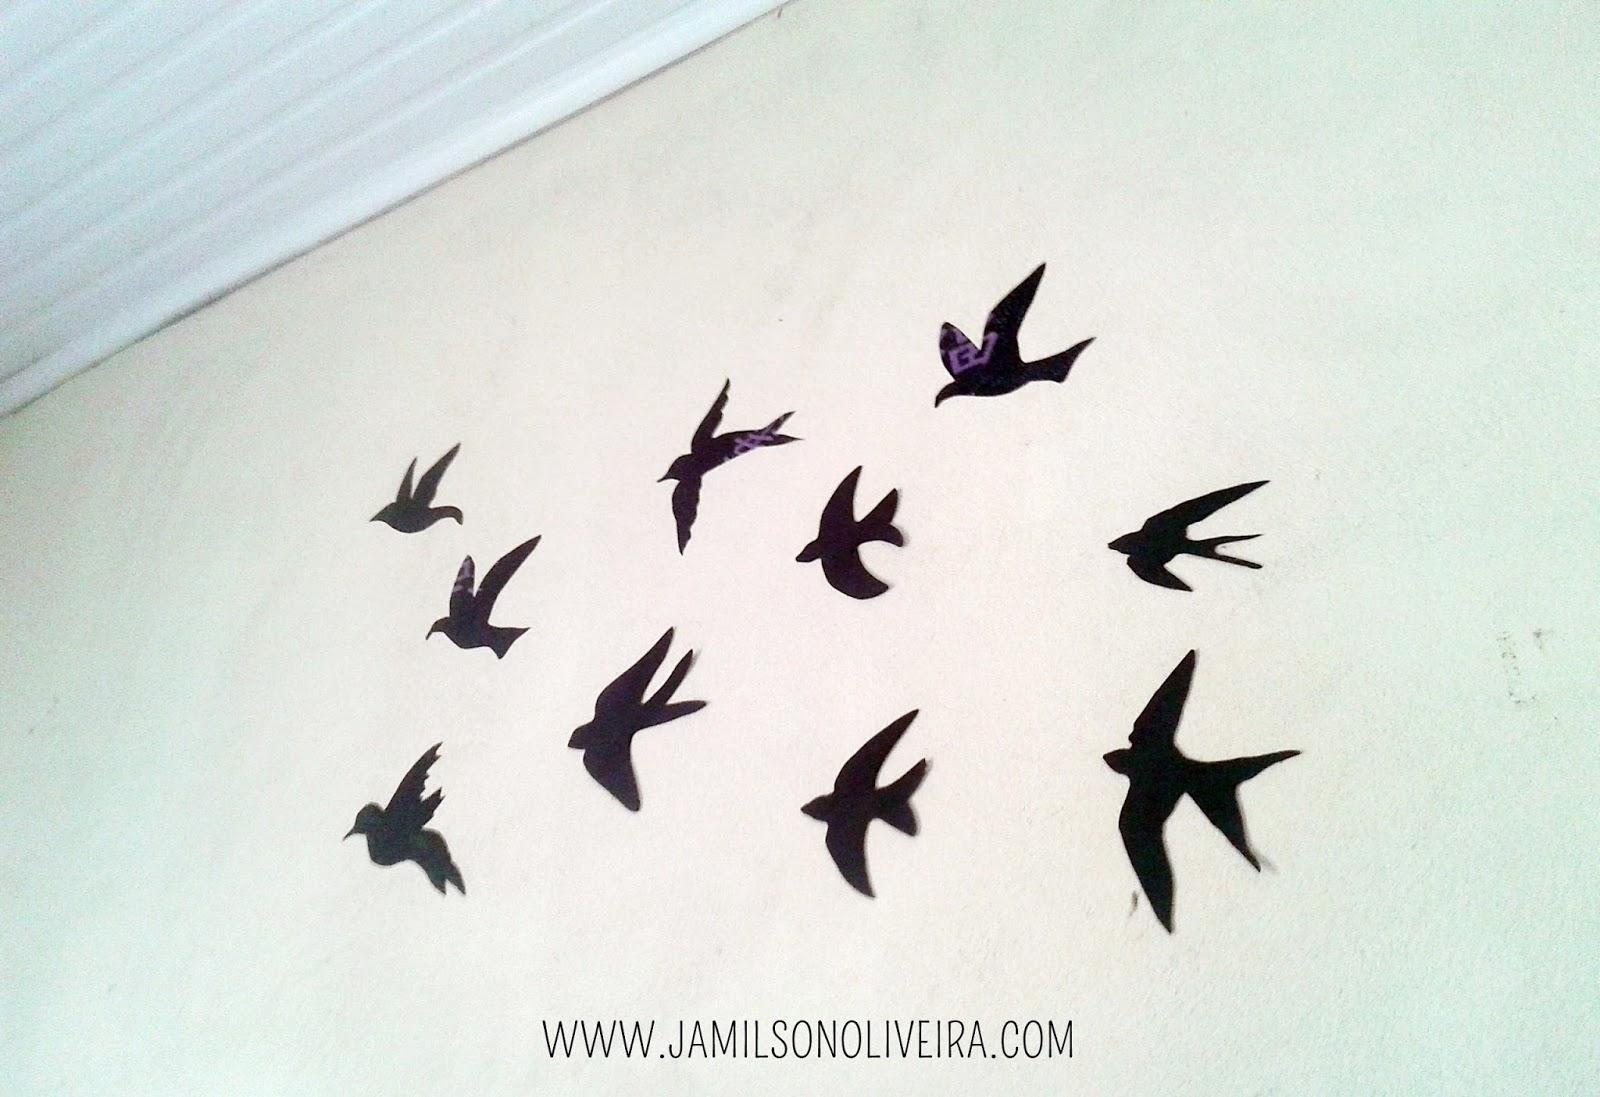 Como fazer pássaros na parede para decoração - Jamilson Oliveira Blog